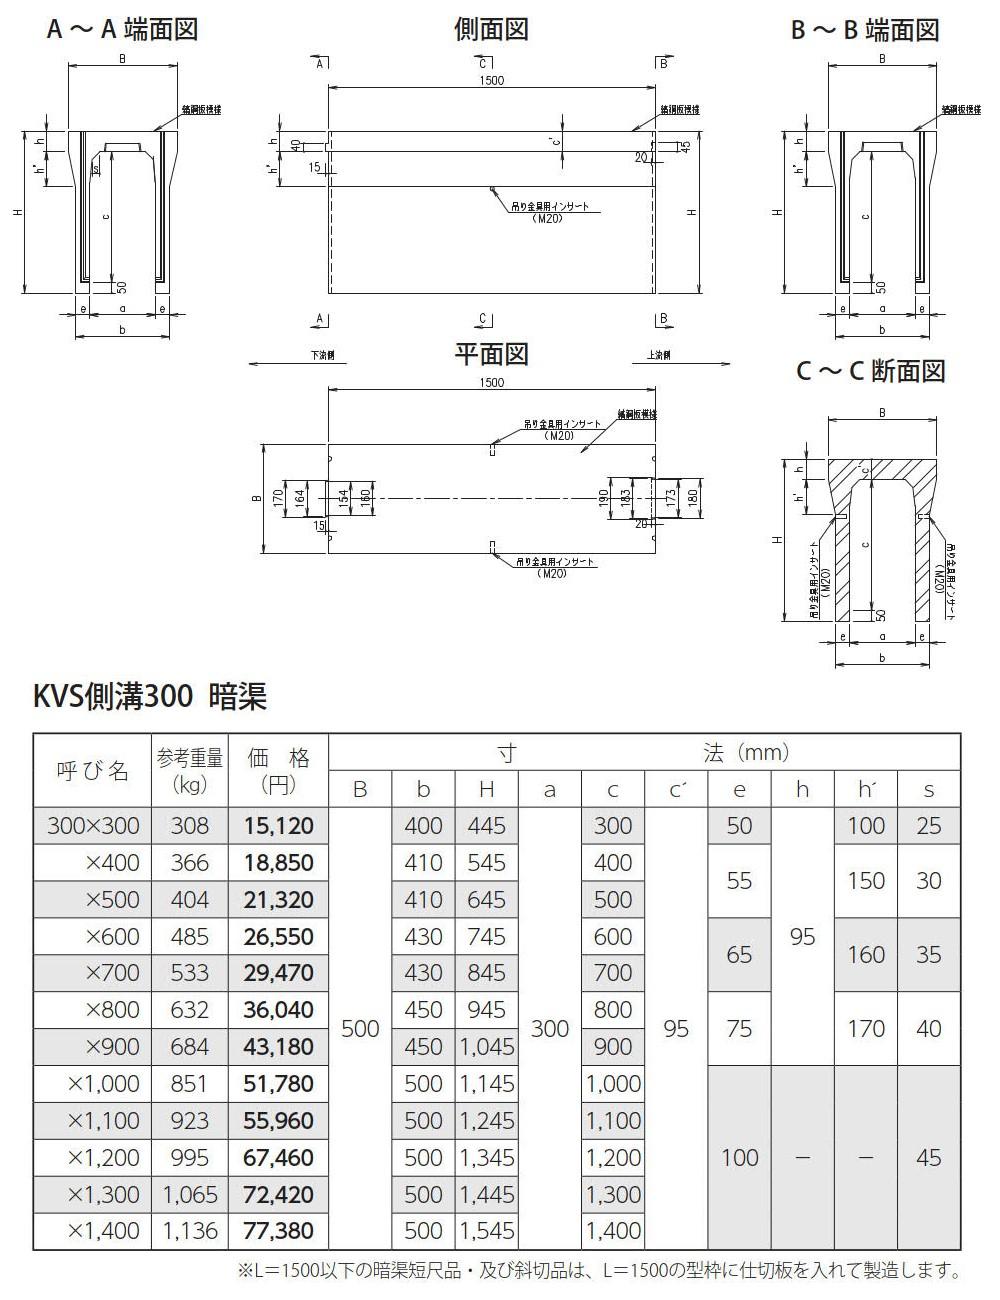 オリジナル側溝|自由勾配側溝(KVS側溝)暗渠 外形寸法 0